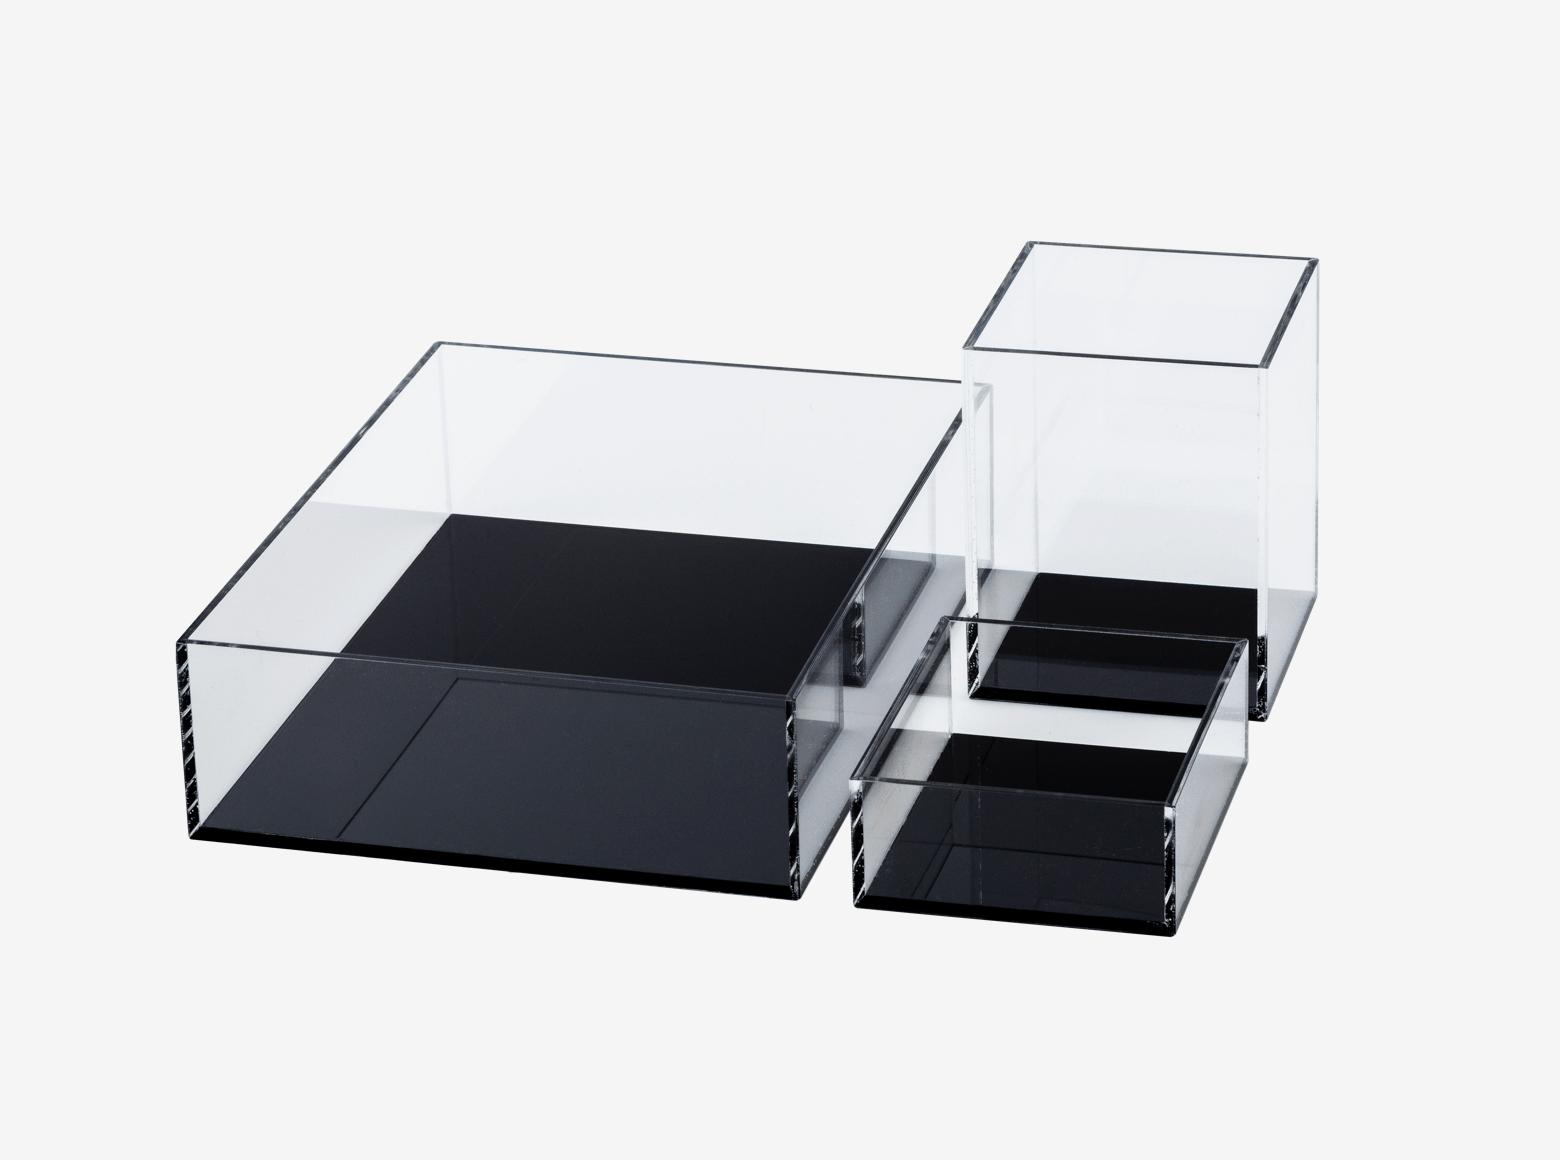 오픈형박스1-롤링배너 슬라이드1